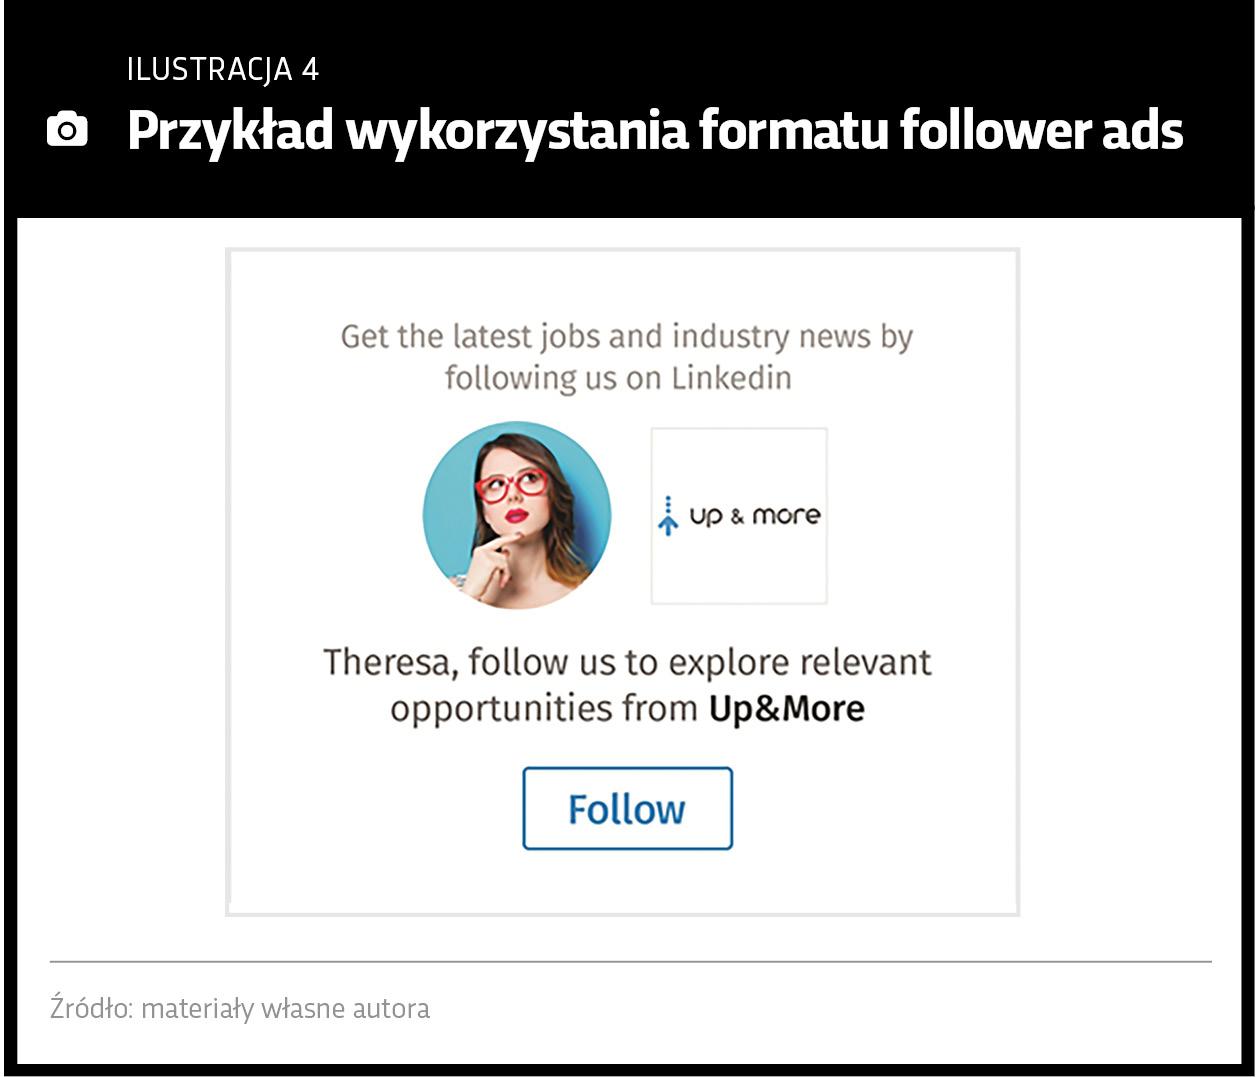 Reklama na LinkedIn - follower ads